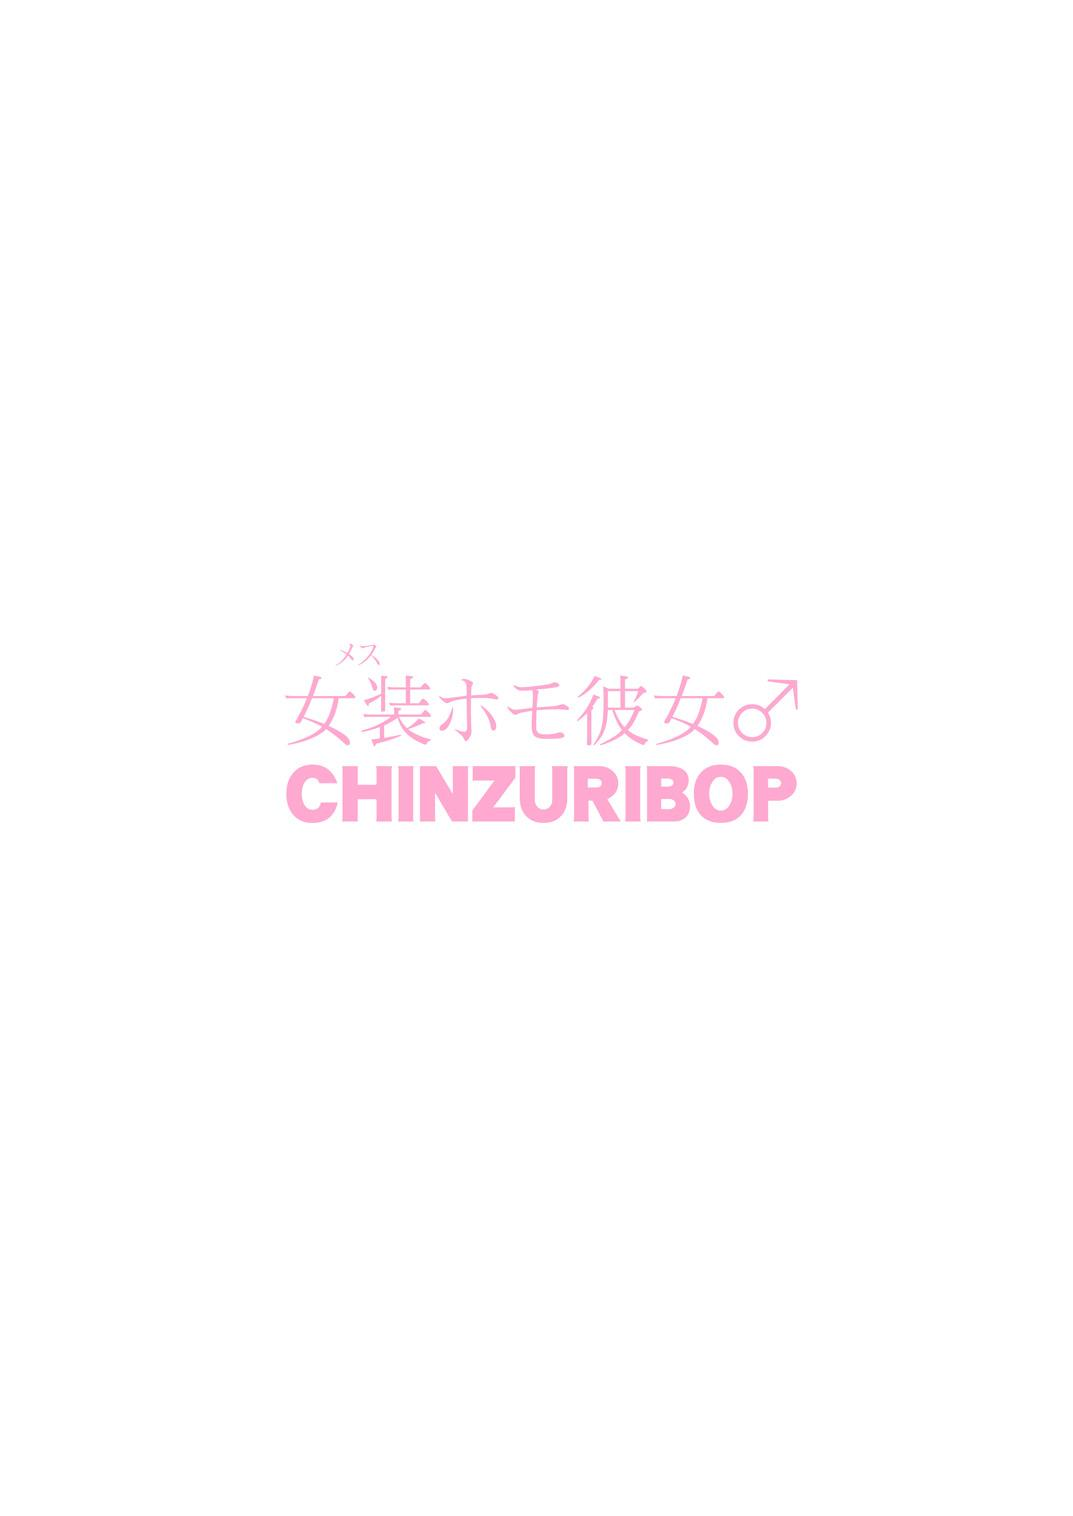 [CHINZURI BOP (Chinzurena)] Josou (Mesu) Homo Kanojo [English] [mysterymeat3] [Digital] 25